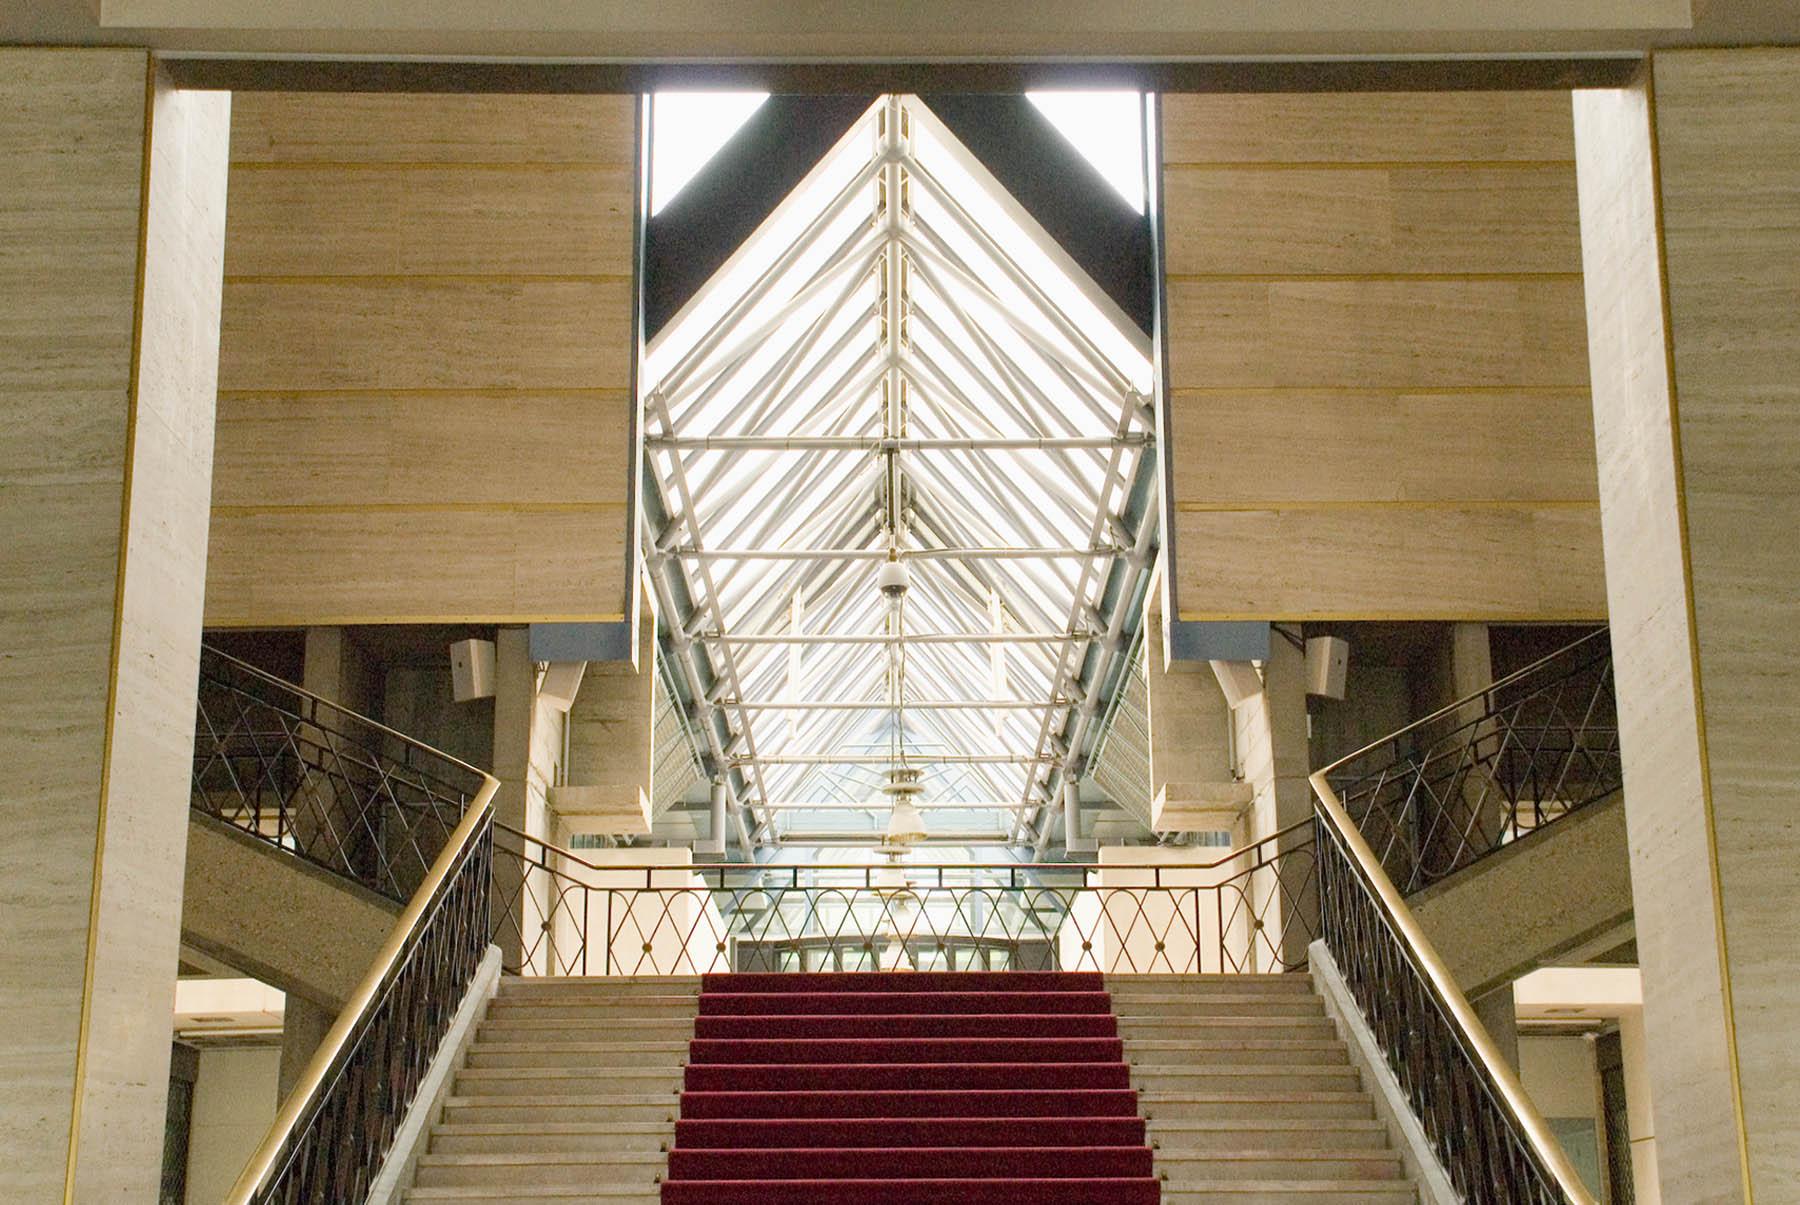 Hôtel-de-Ville du Havre. Das streng symmetrisch angeordnete Treppenhaus wurde in den 80er-Jahren rückseitig aufgebrochen und um einen belanglosen Baukörper erweitert.